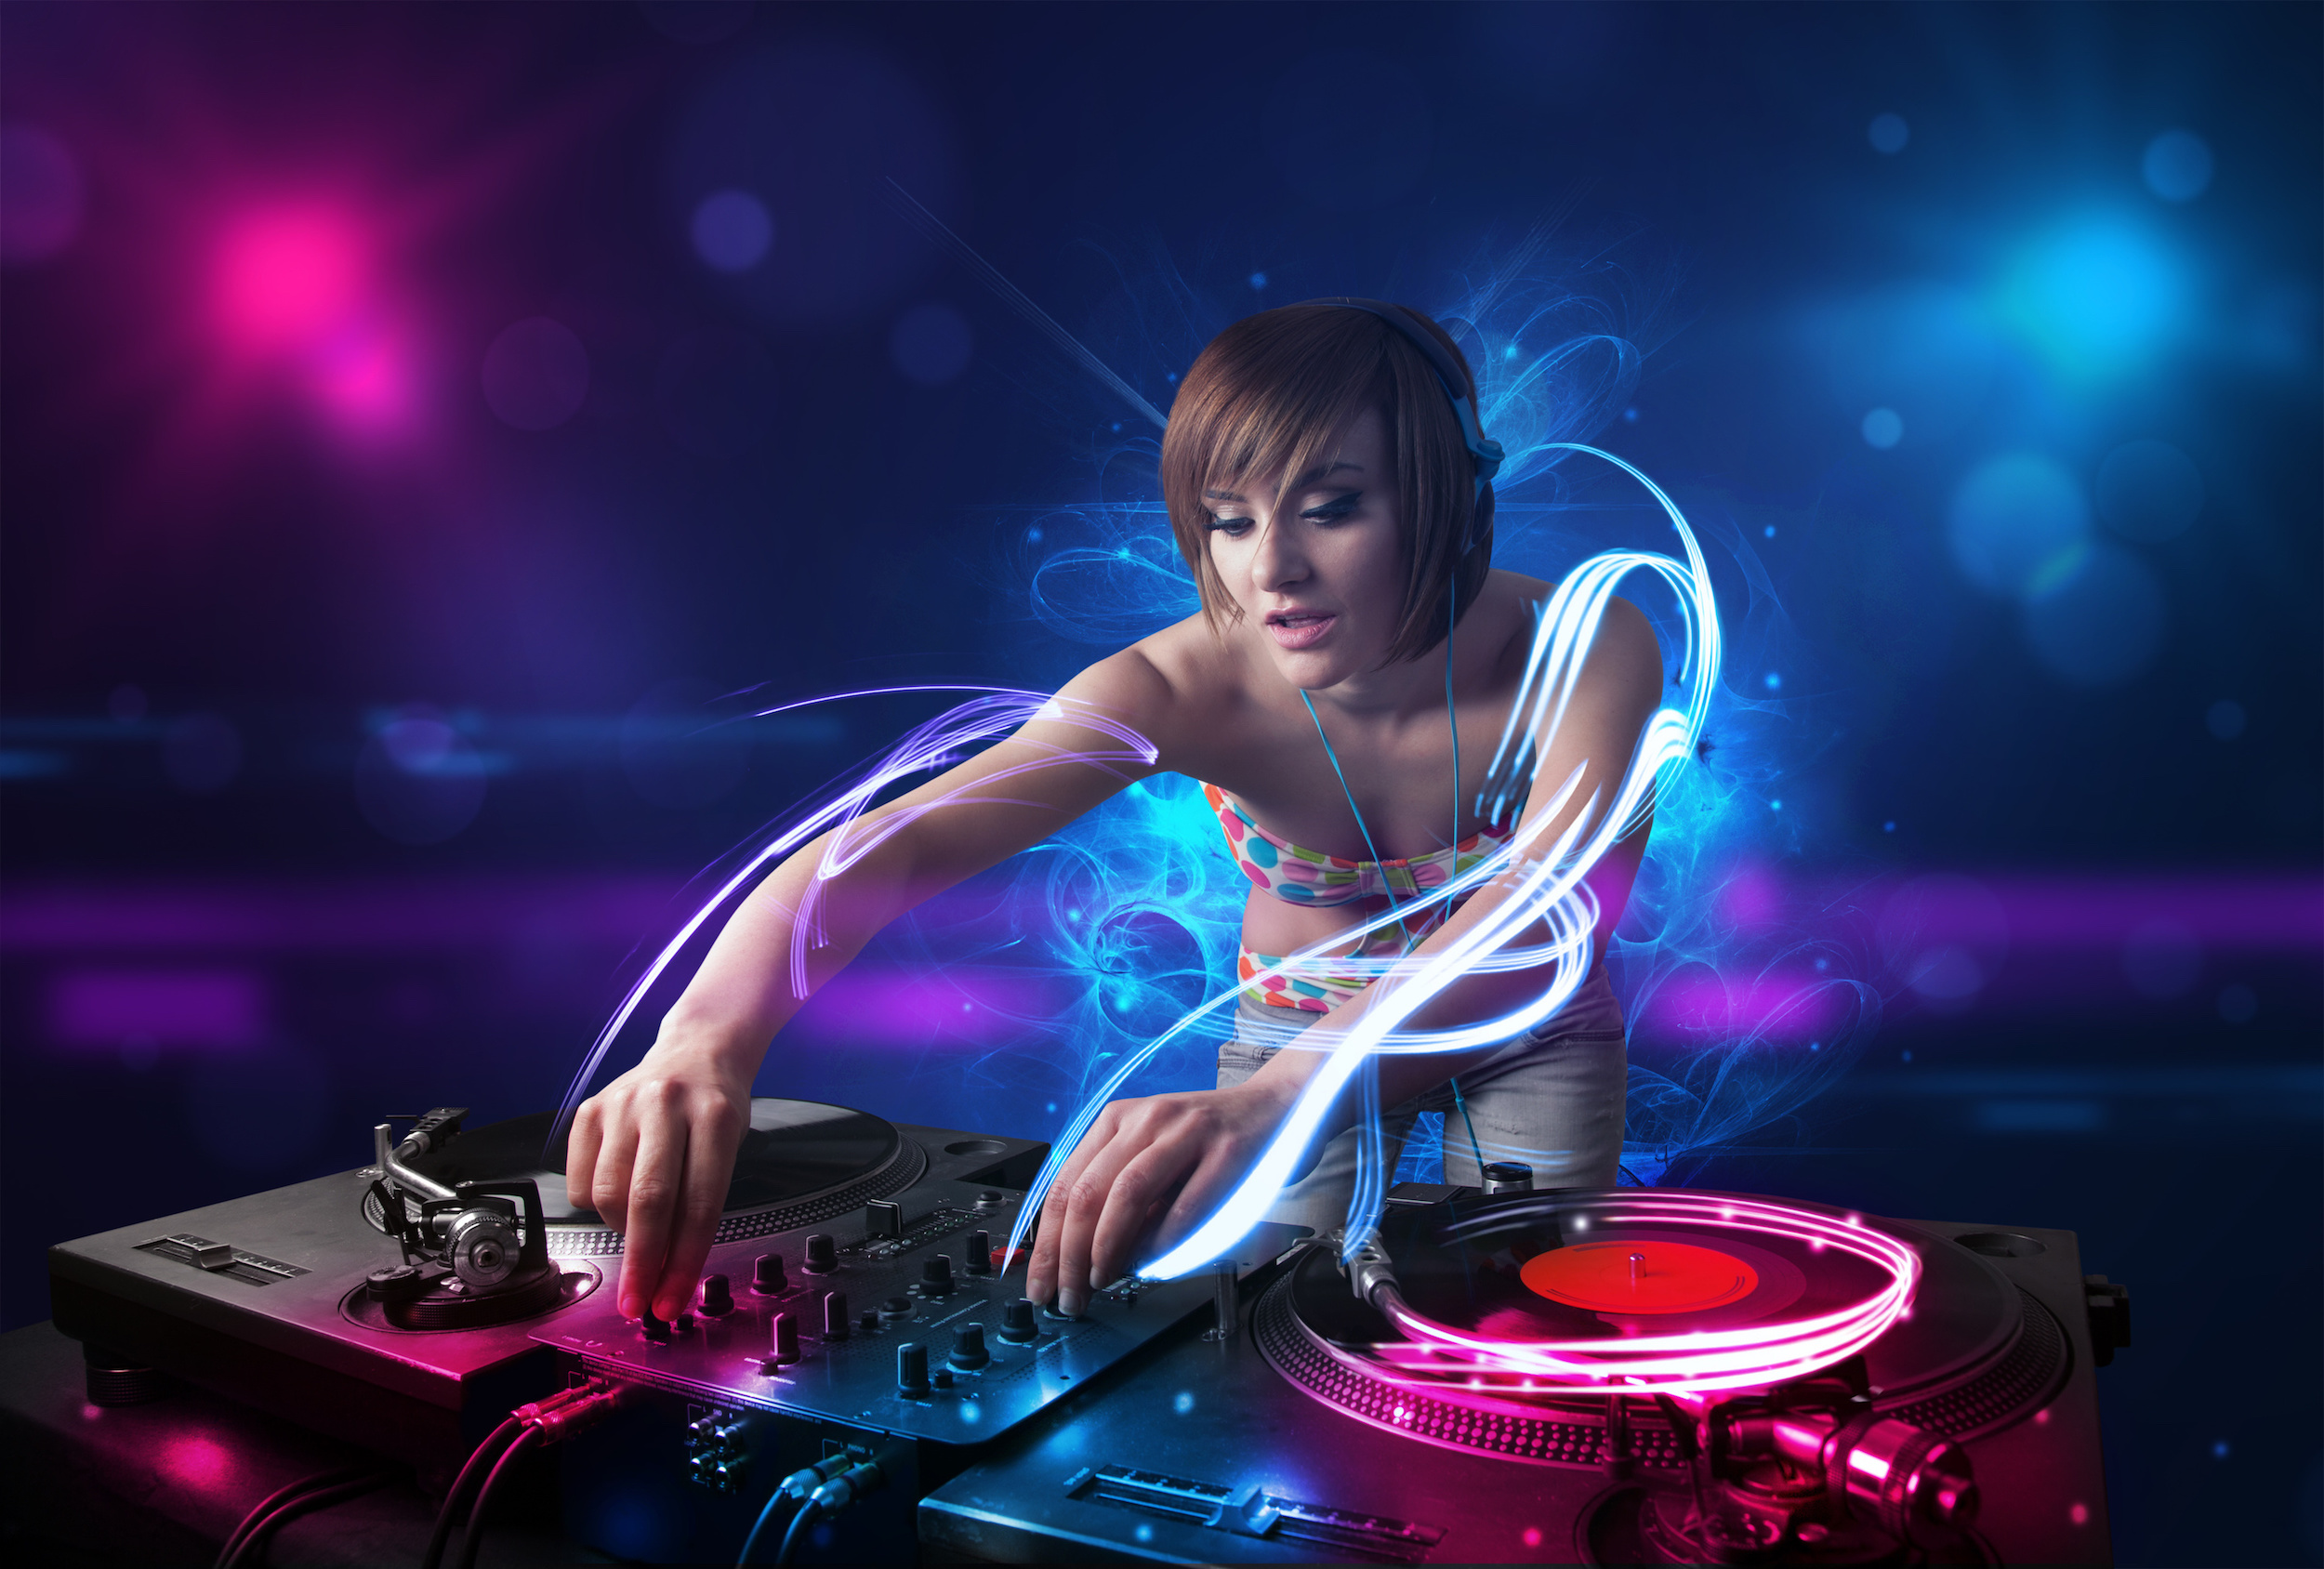 Los 5 momentos más difíciles para mezclar si eres DJ